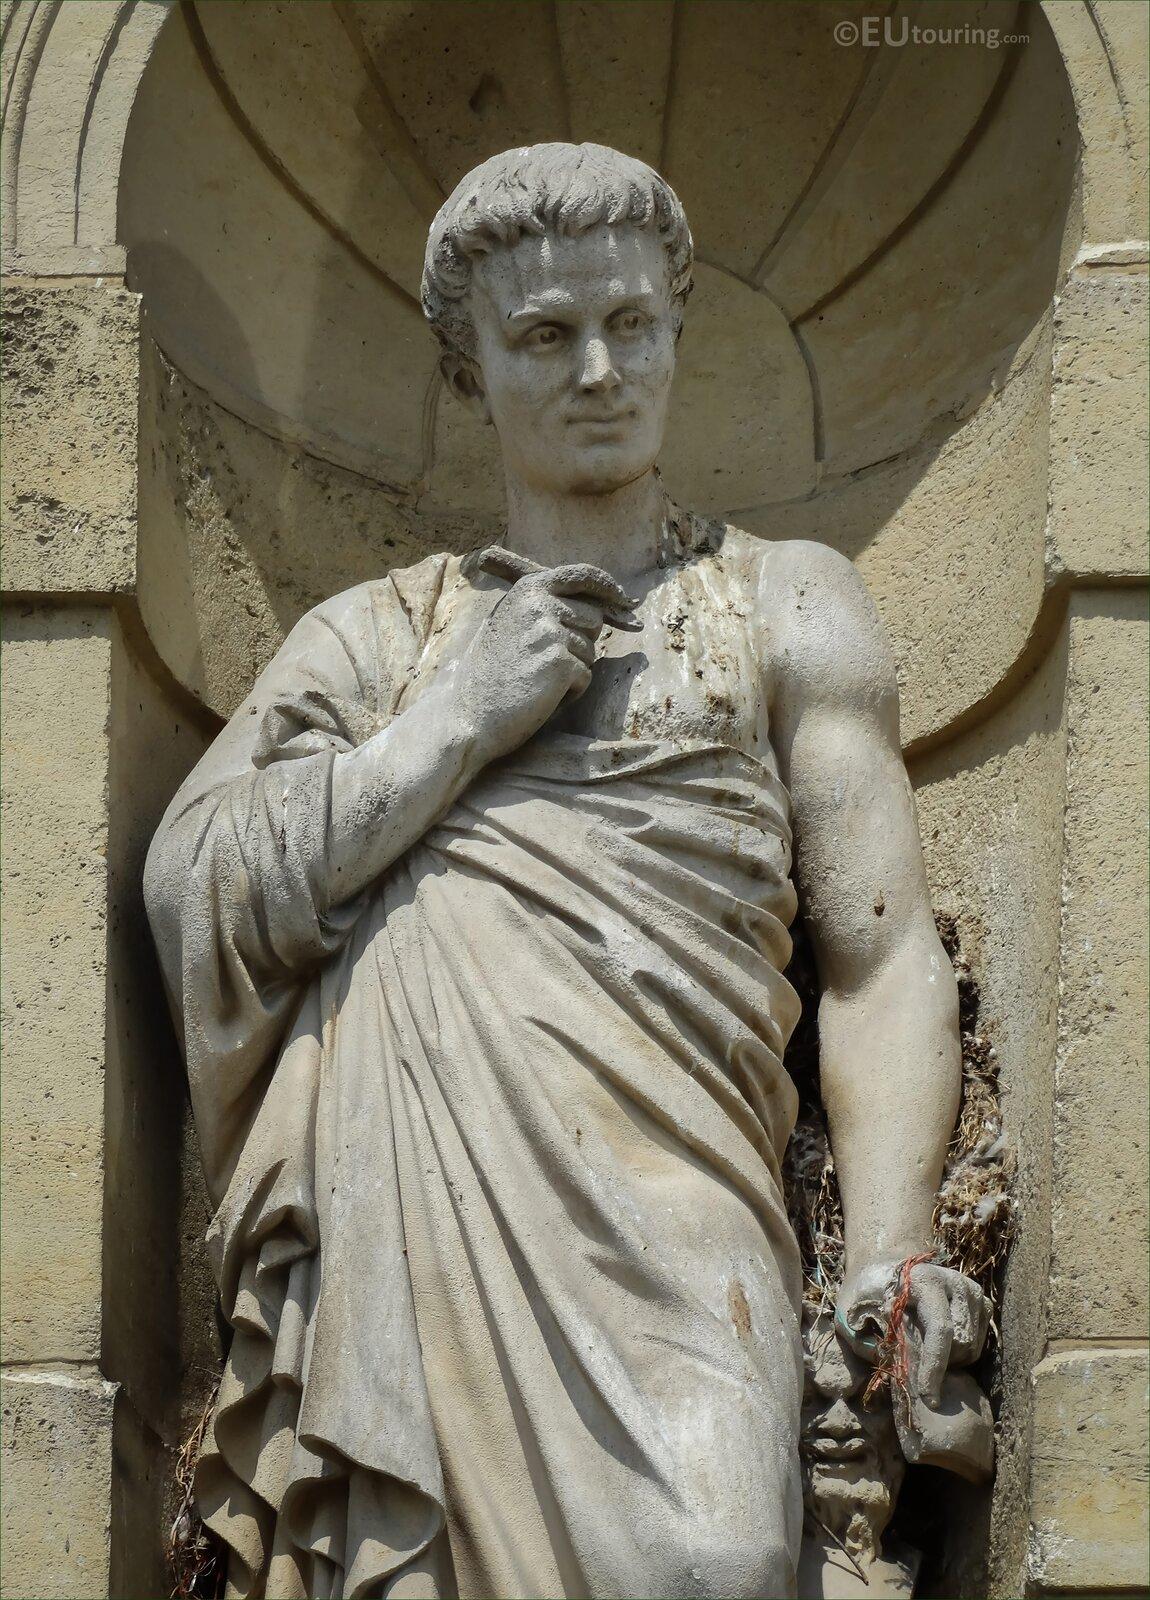 """Rzeźba nieznanego autora pod tytułem """"Horacy"""", przedstawia postać młodego mężczyzny ośredniej długości włosach. Horacy spogląda wprawo, ubrany jest wdługą szatę, wjednej dłoni trzyma ołówek, adrugiej zwitek papierów. Rzeźba została wykonana zjasnego kamienia, na figurze widoczne są liczne zabrudzenia, oraz ubytki. Figura Horacego stoi we wnęce izostała sfotografowana za dnia."""